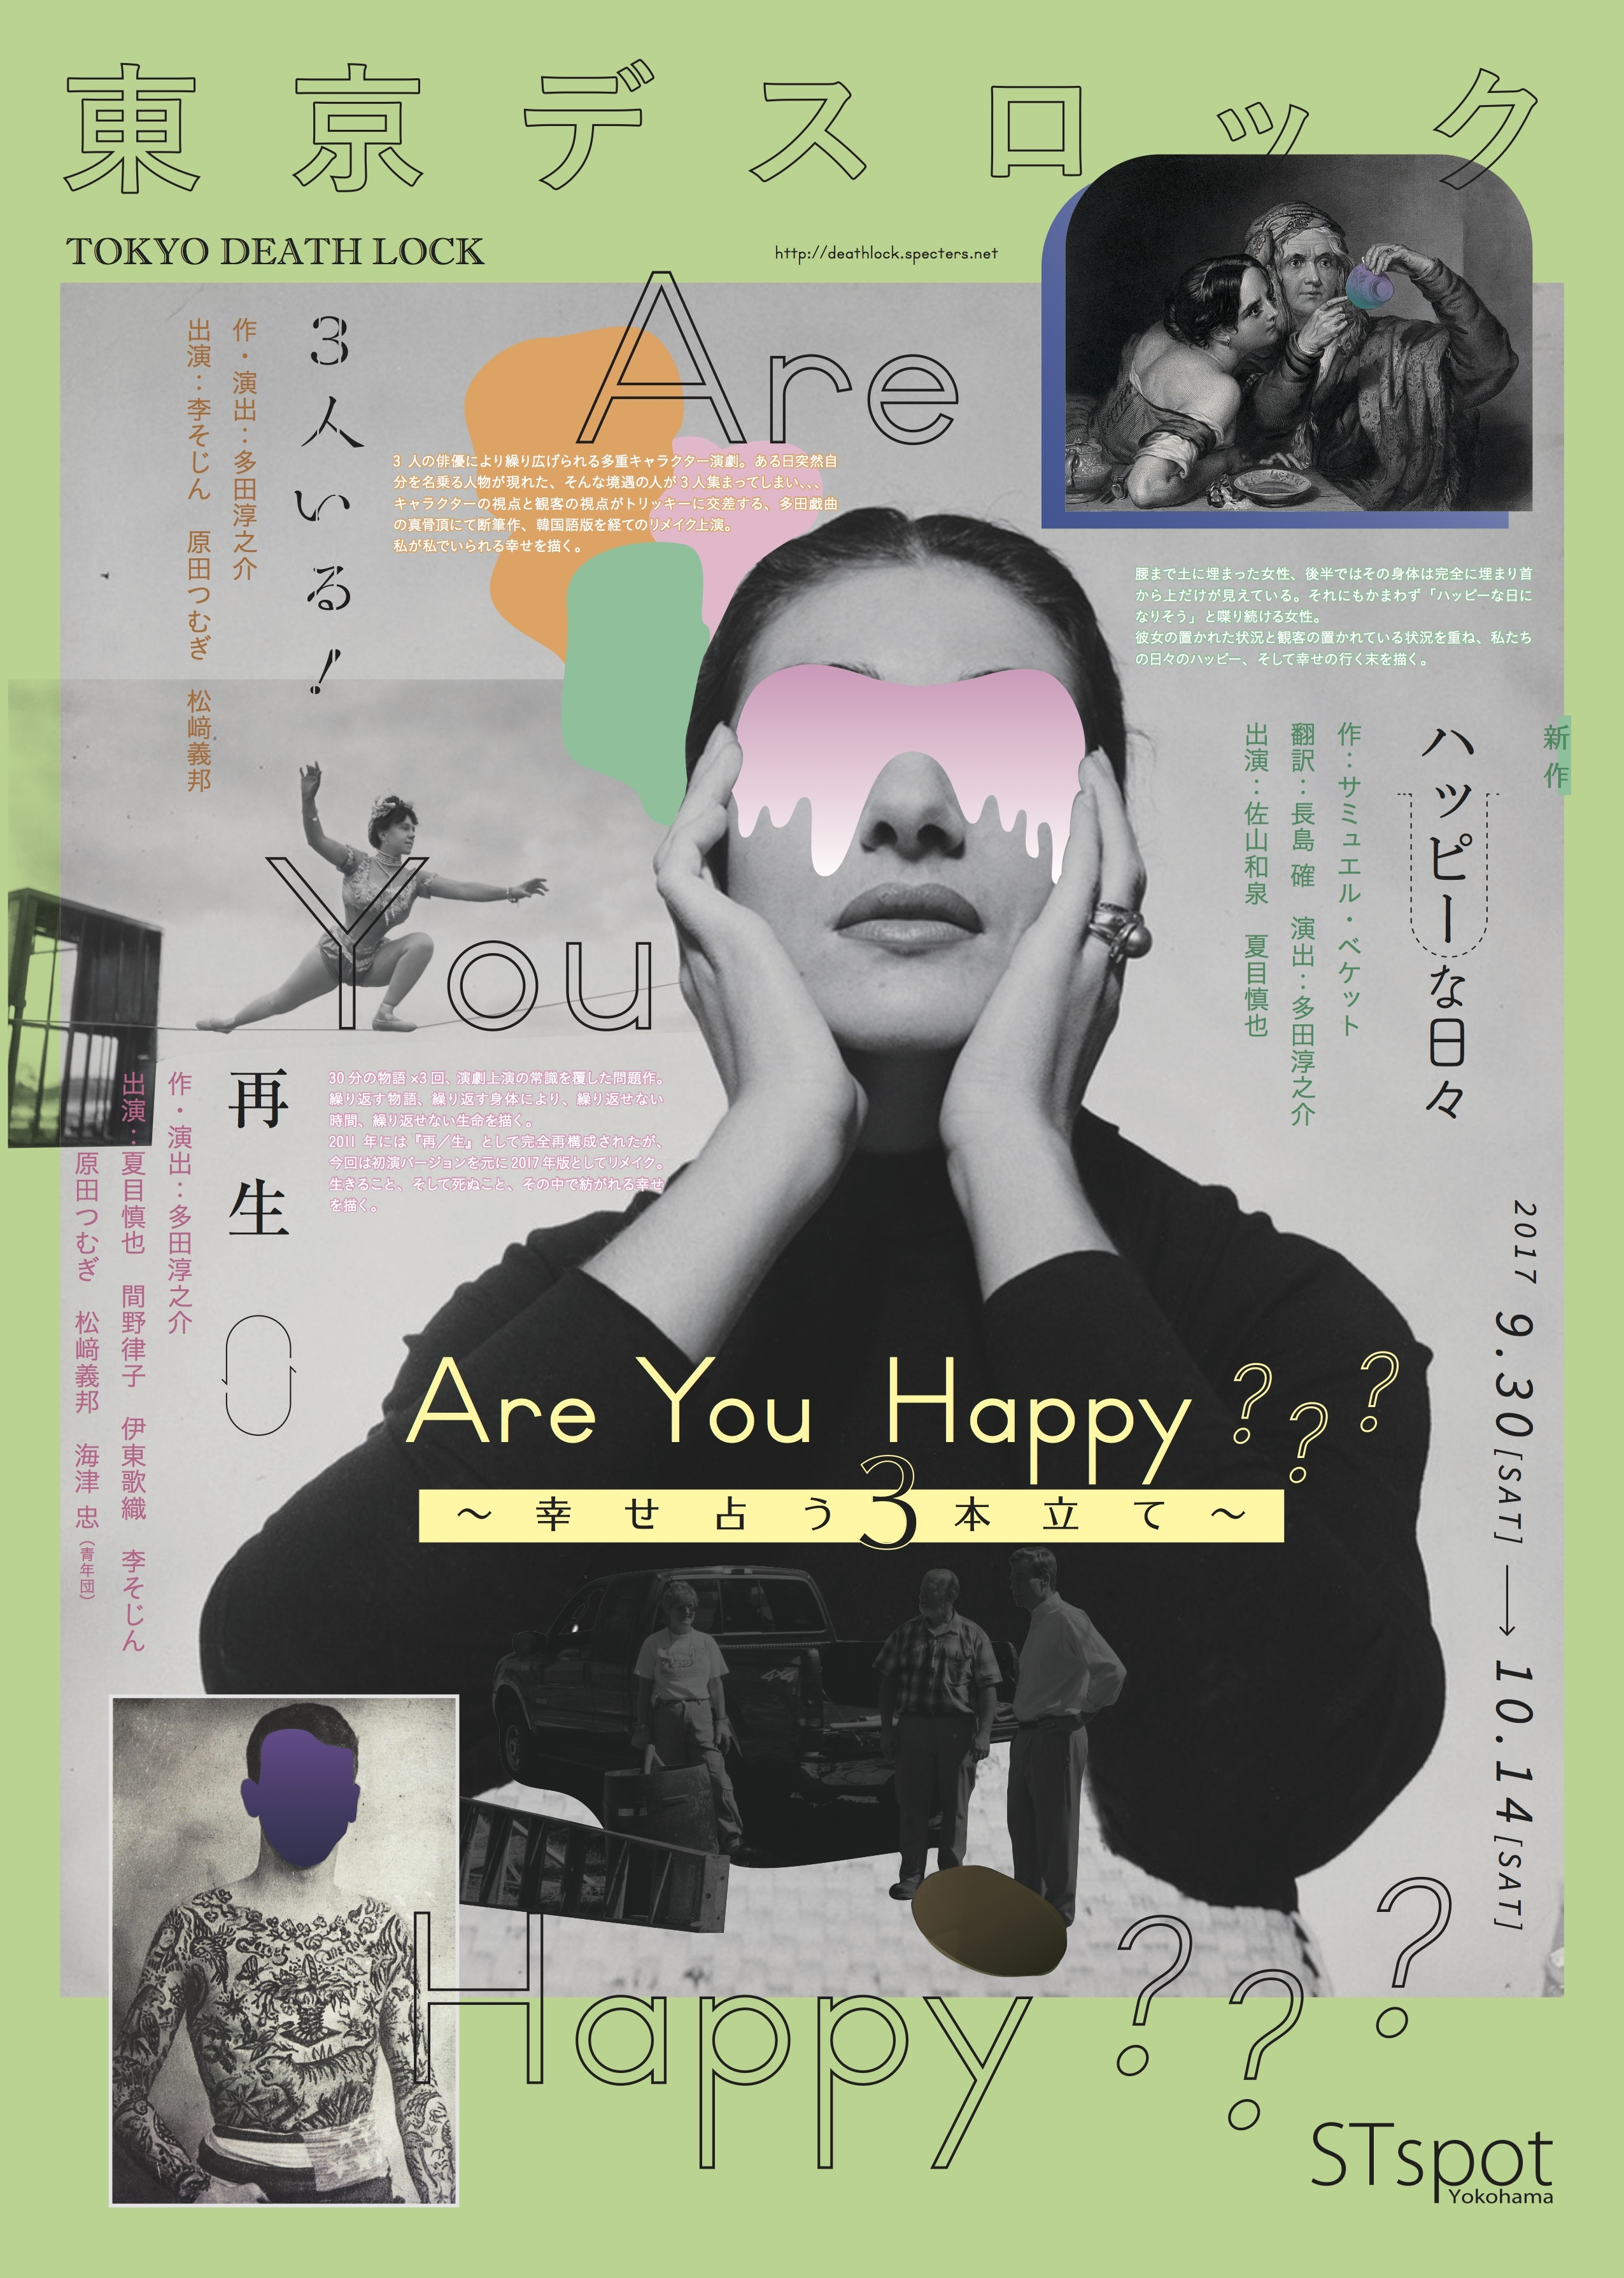 東京デスロック公演『Are You Happy???──幸せ占う3本立て』のチラシ